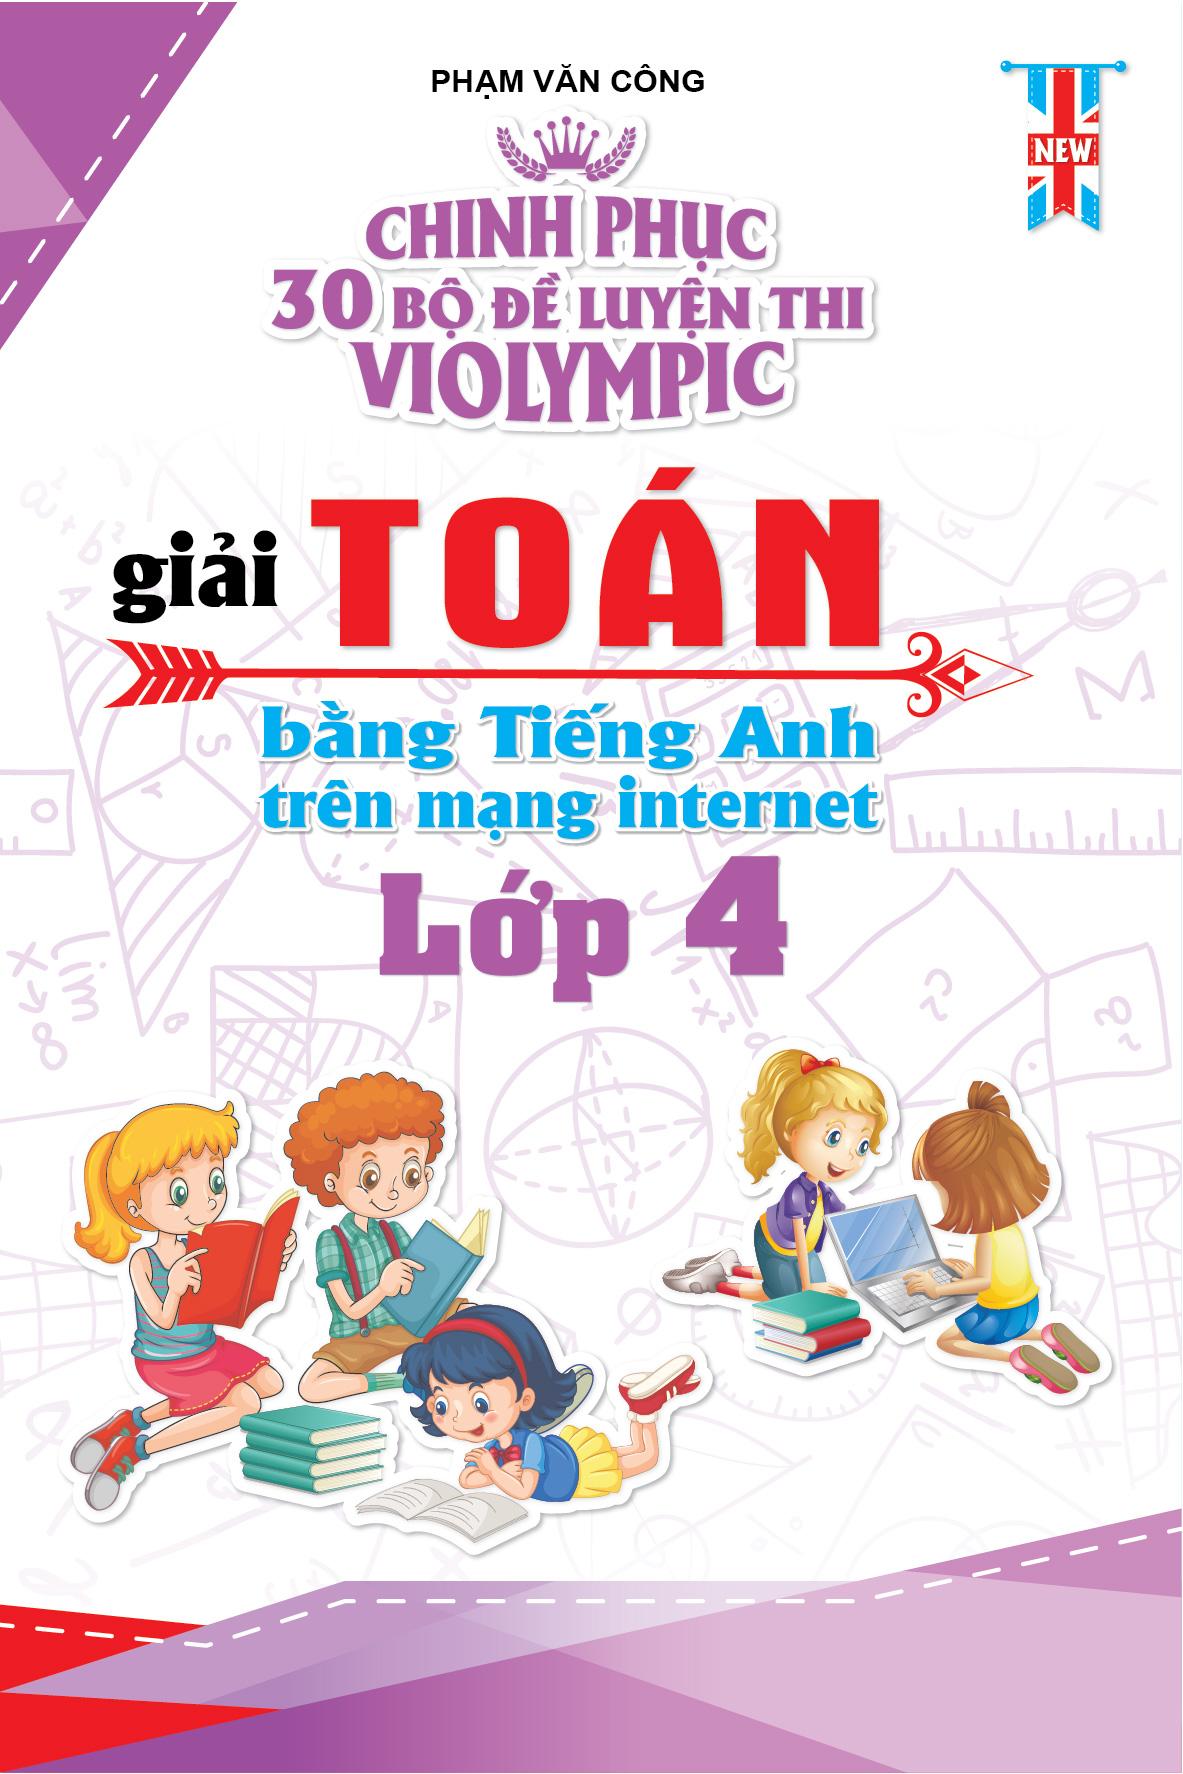 Chinh phục 30 Bộ Đề Thi Violympic Giải Toán Bằng Tiếng Anh Trên Mạng Internet Lớp 4 - EBOOK/PDF/PRC/EPUB